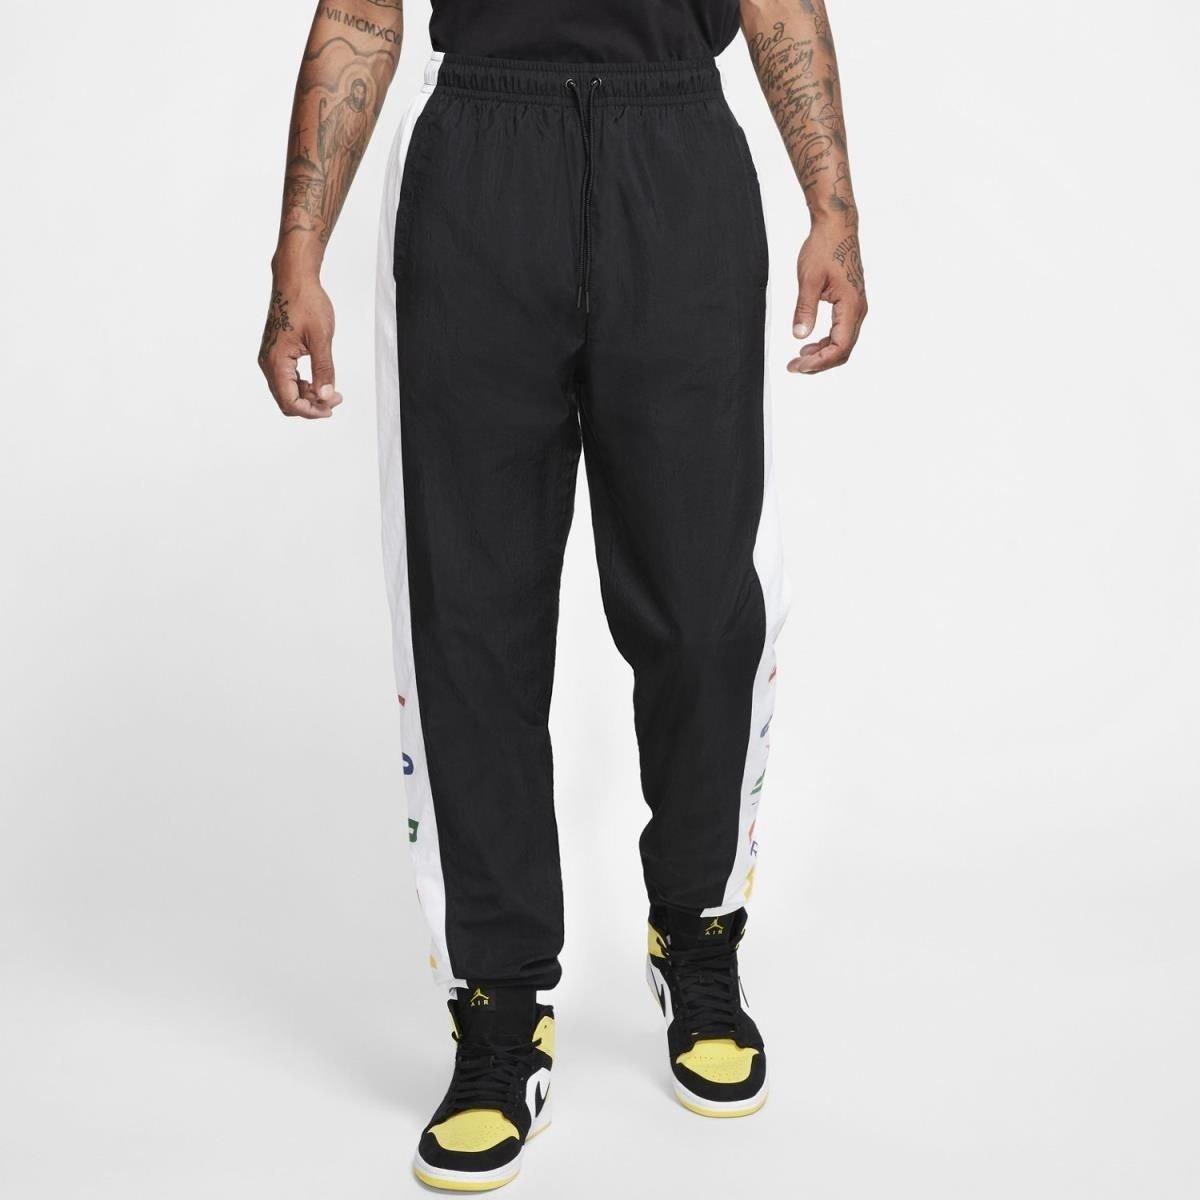 Pantalone Nike Jordan Sport...